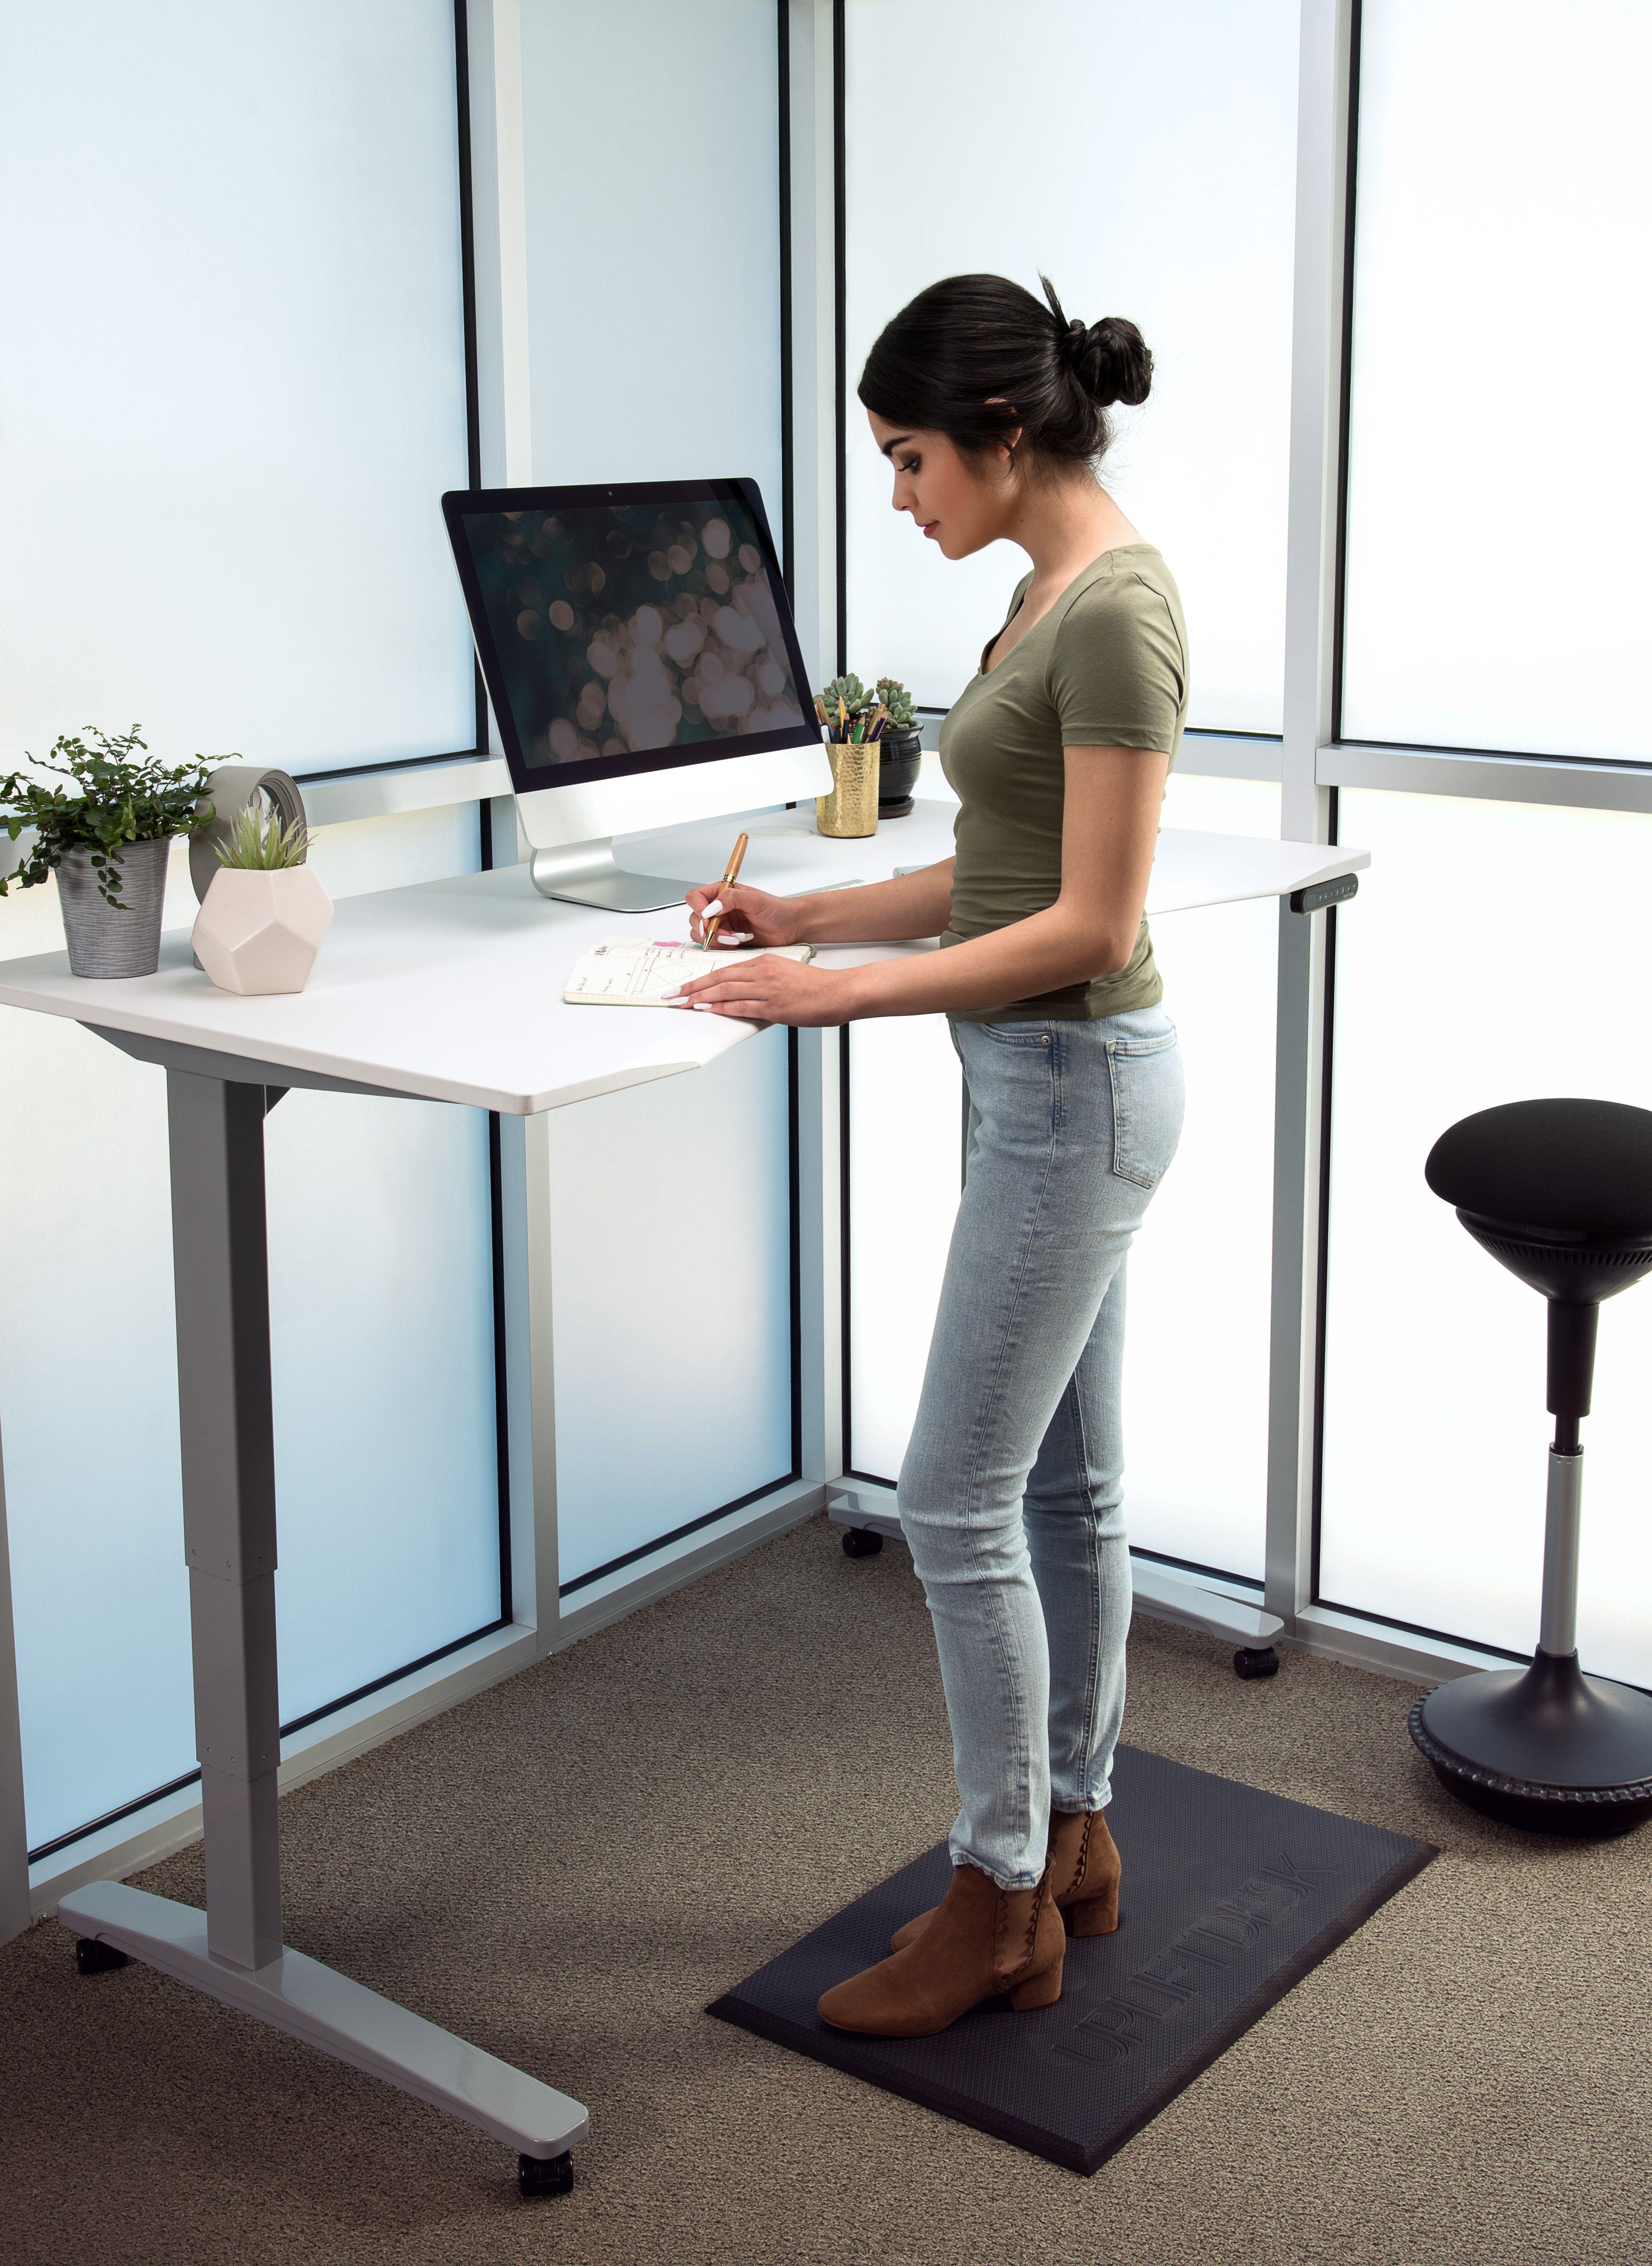 Uplift Ergo Edge Curve Standing Desk V2 V2 Commercial Sit Stand Desk Adjustable Standing Desk Desk